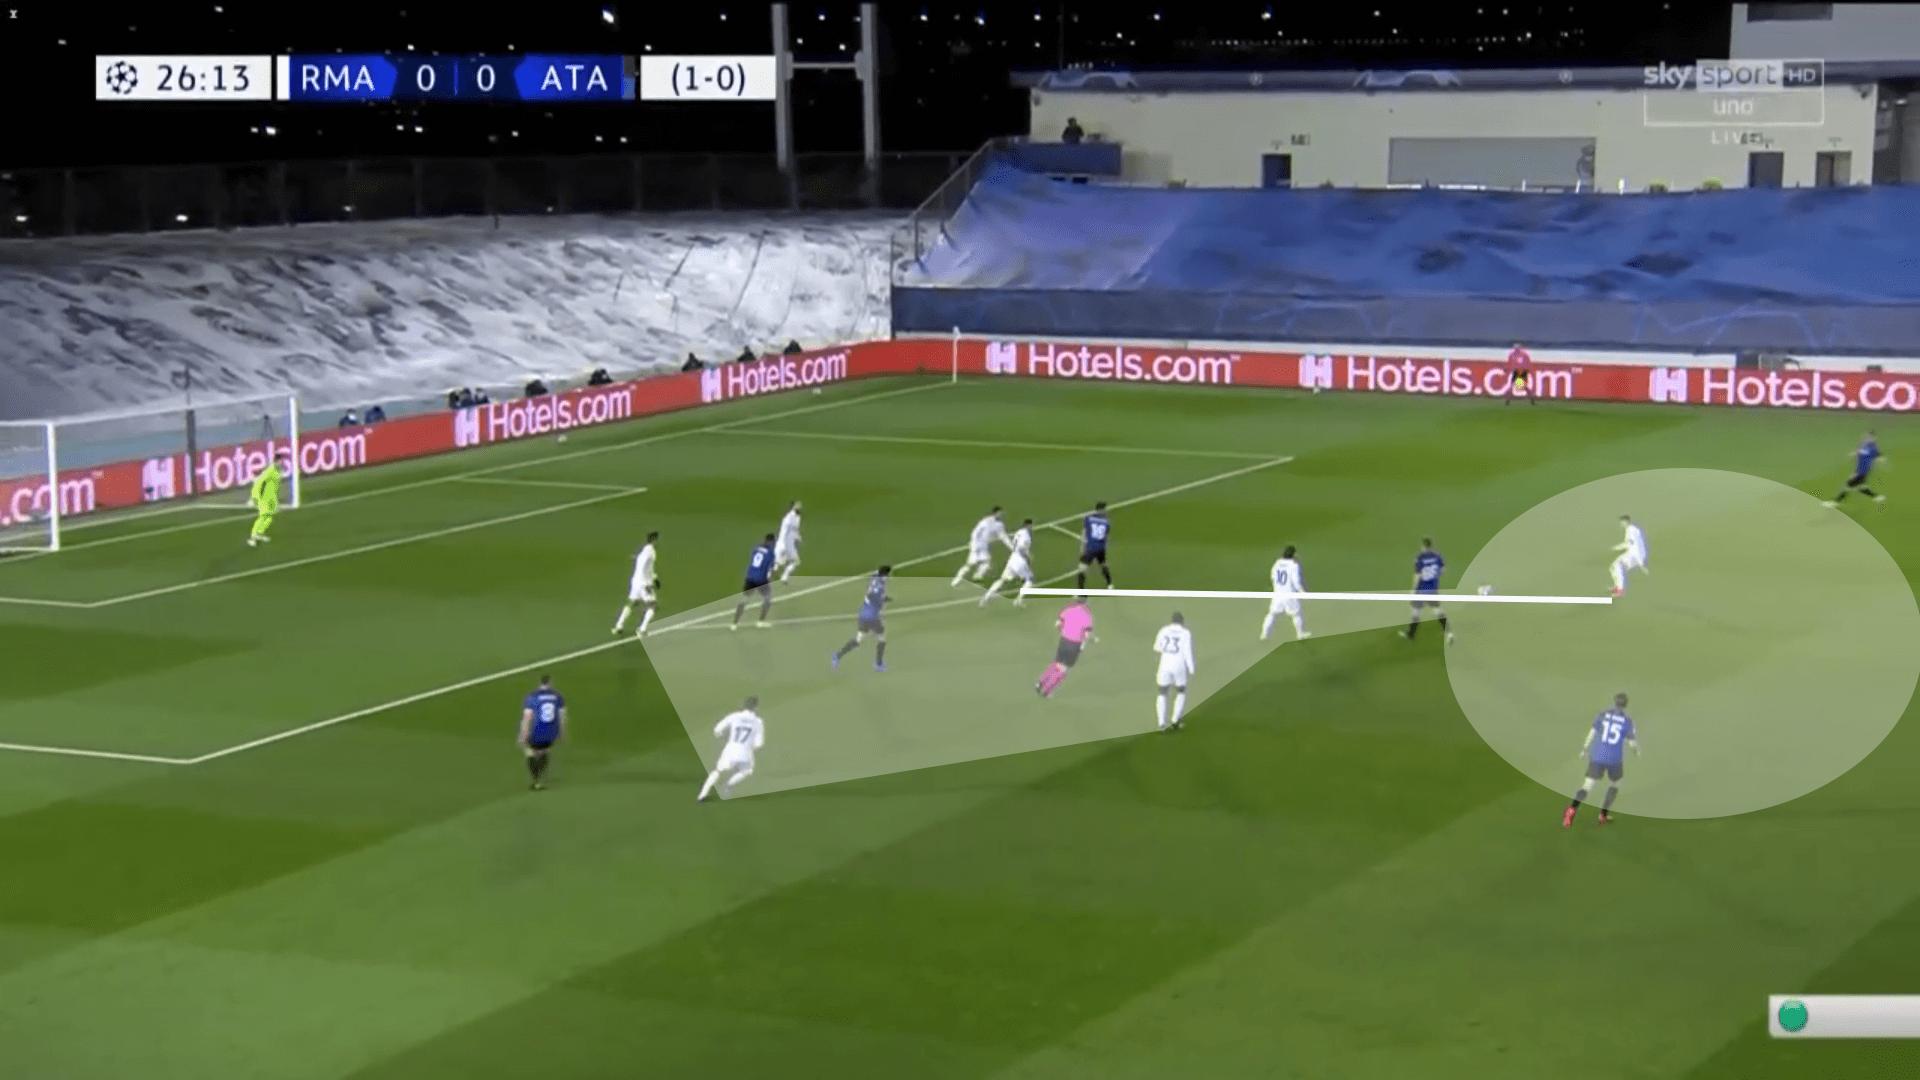 Real Madrid: Góc nhìn chiến thuật trong trận đấu lượt về với Atalanta tại Champions League (P2)